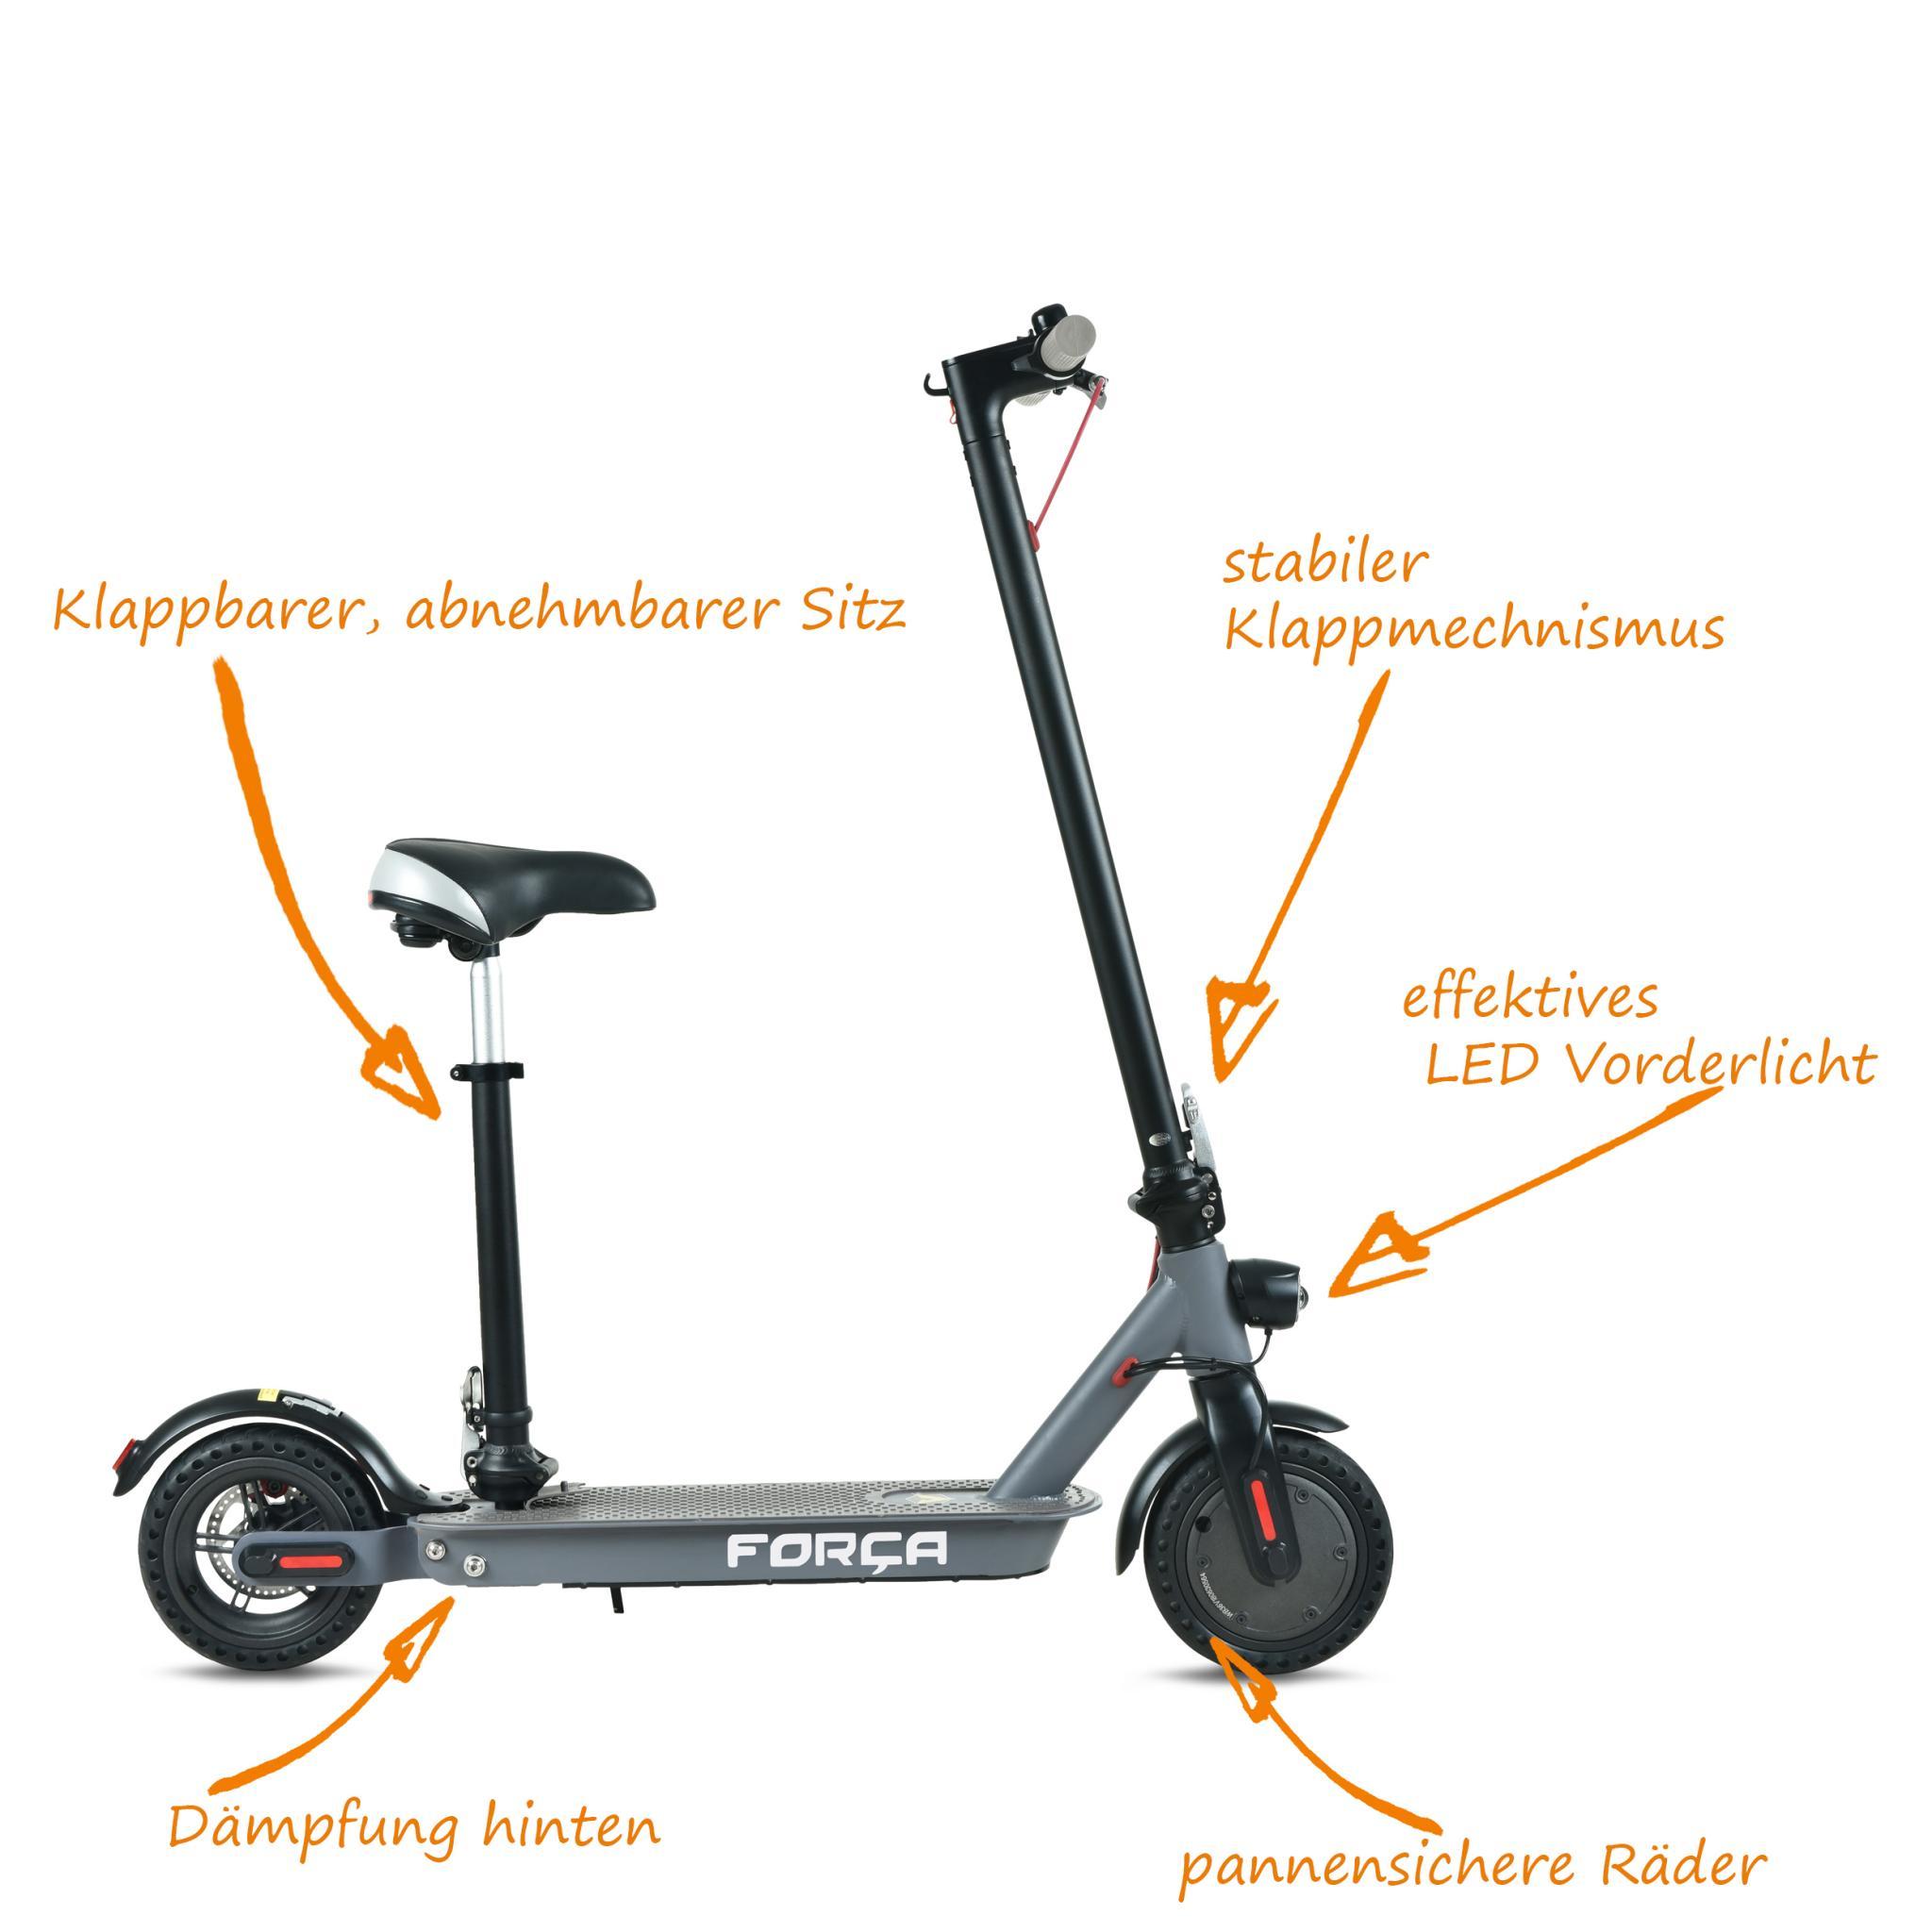 campman e scooter forca sports elektroroller emobilit t. Black Bedroom Furniture Sets. Home Design Ideas